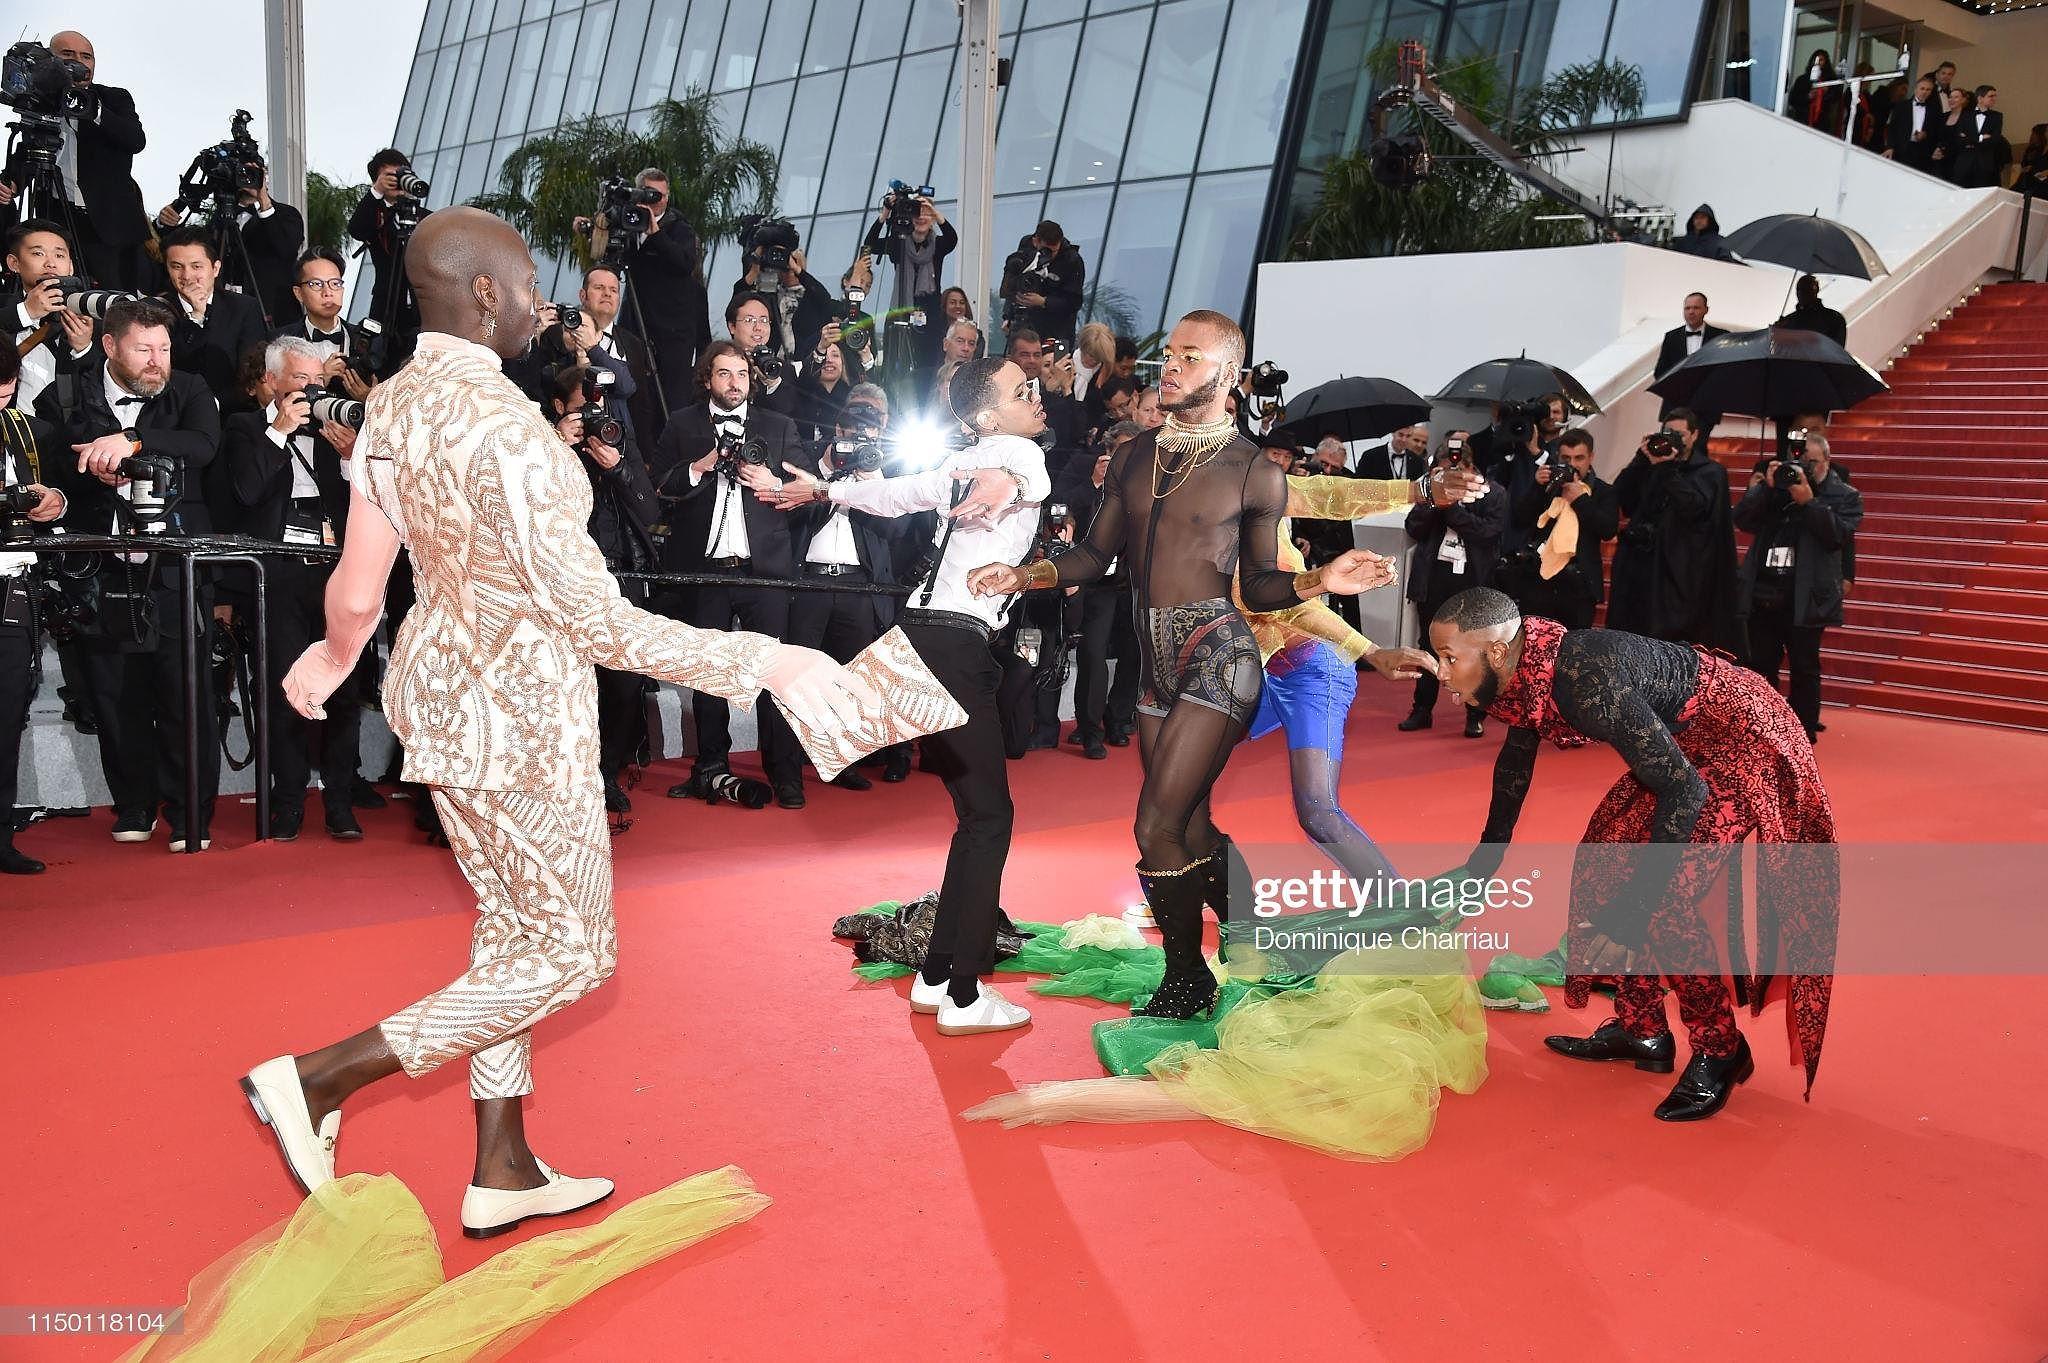 Siêu mẫu đồ nhỏ mặc như không, dàn nam vũ công quằn quại trên thảm đỏ Cannes - Hình 18